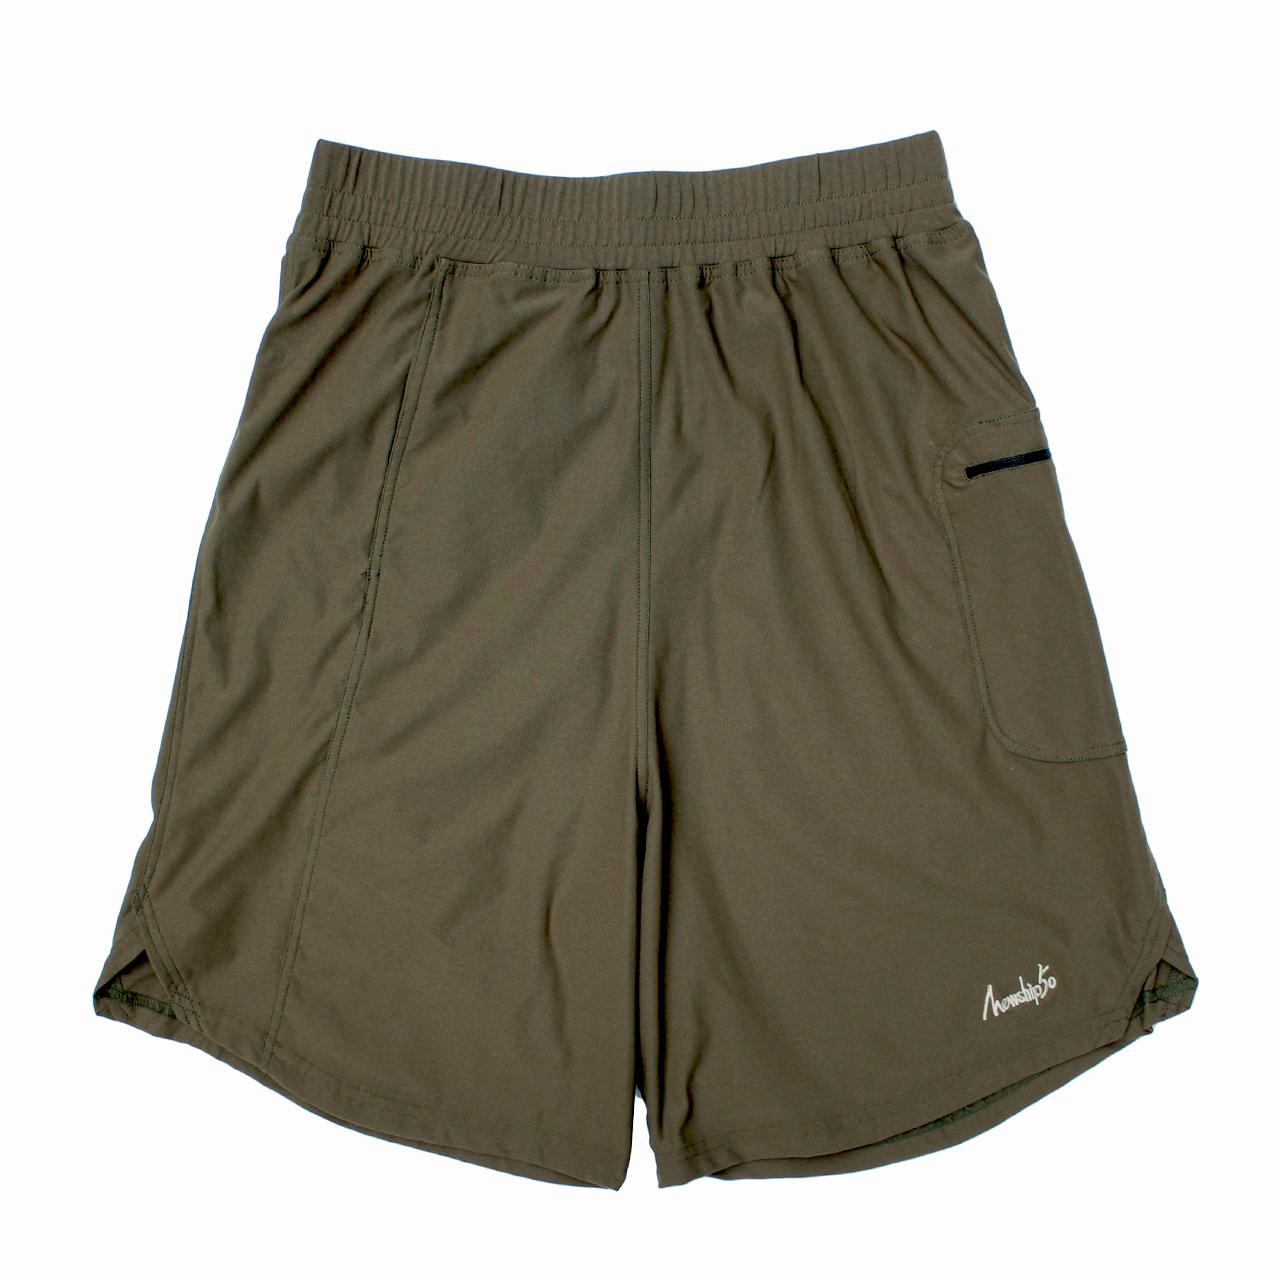 LOGO street shorts <Khaki×Khaki>  - 画像1